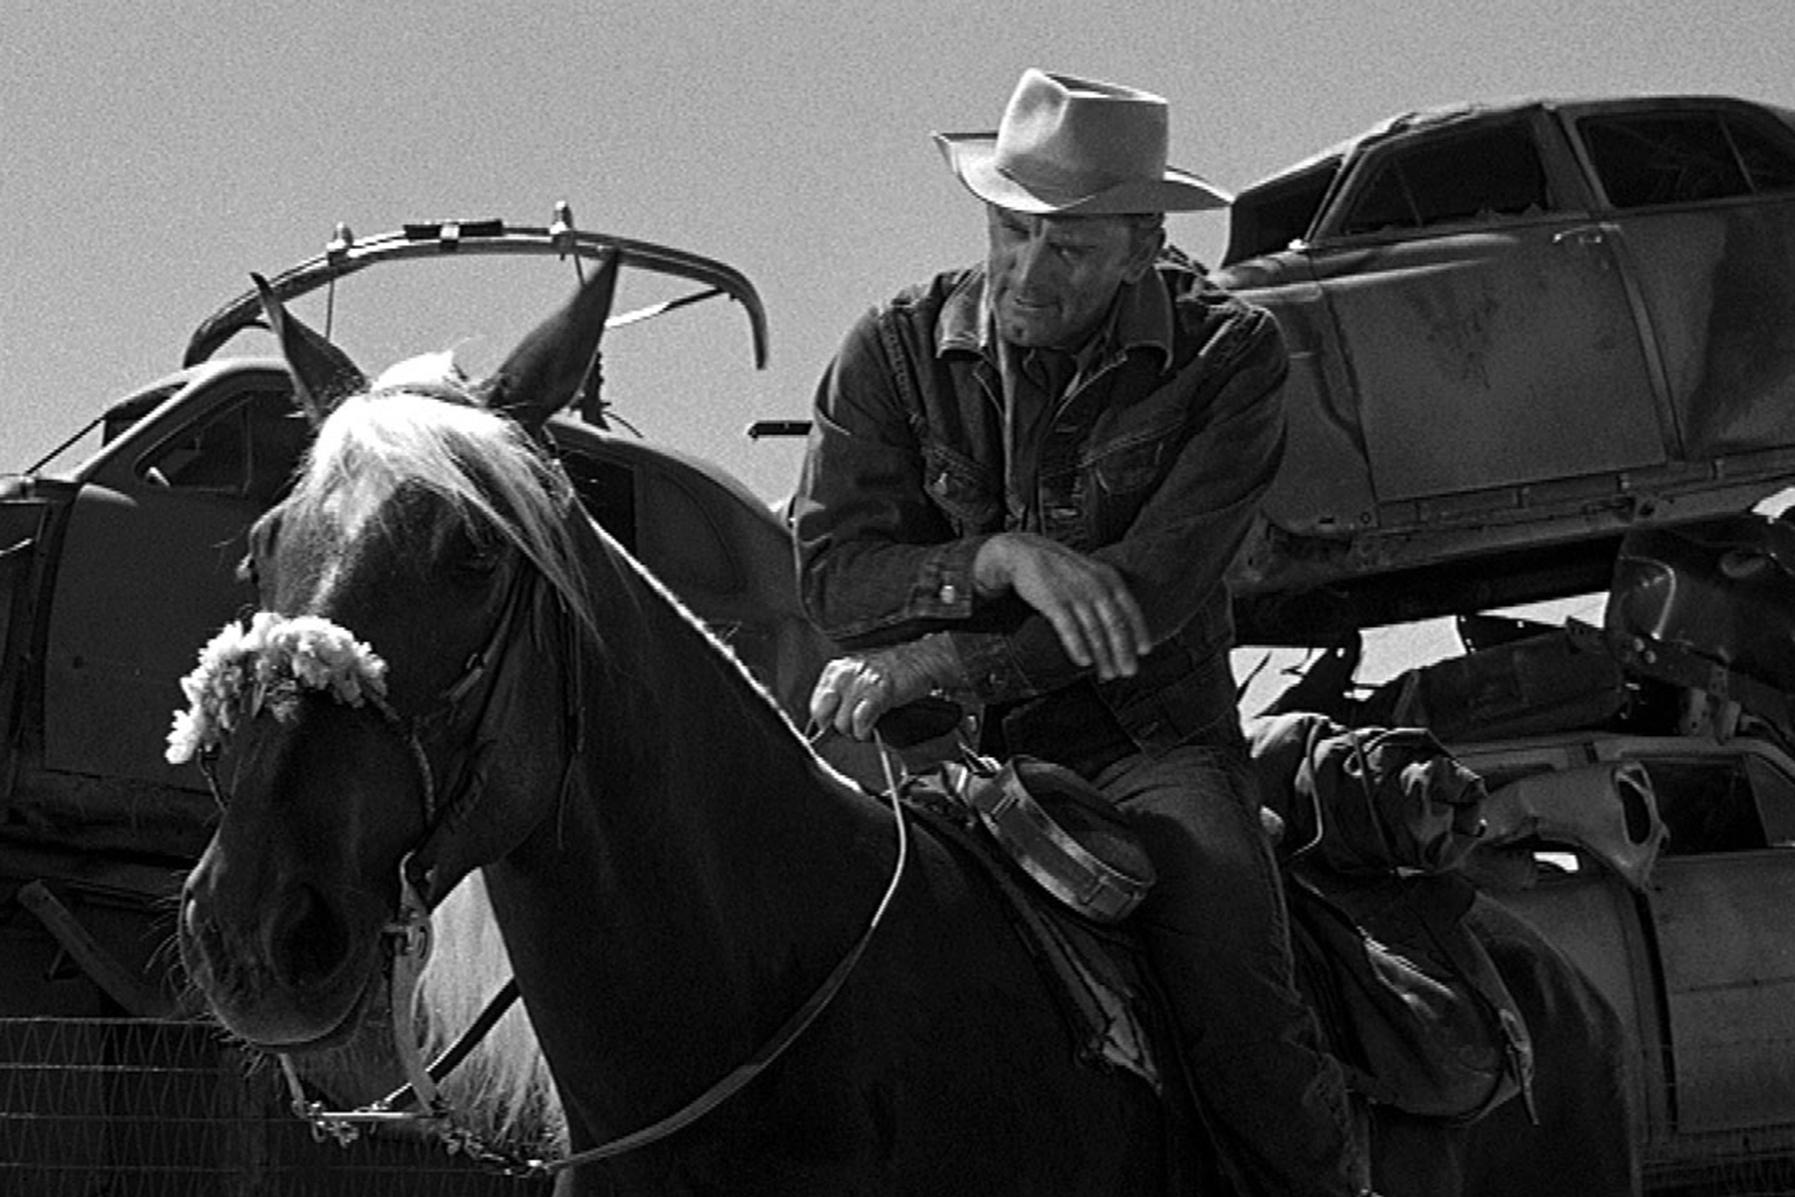 """Zur ARTE-Sendung Kirk Douglas Einsam sind die Tapferen 9: Kirk Douglas in der Rolle des freiheitsliebenden Cowboys Jack Burns © Universal Foto: ZDF Honorarfreie Verwendung nur im Zusammenhang mit genannter Sendung und bei folgender Nennung """"Bild: Sendeanstalt/Copyright"""". Andere Verwendungen nur nach vorheriger Absprache: ARTE-Bildredaktion, Silke Wölk Tel.: +33 3 881 422 25, E-Mail: bildredaktion@arte.tv"""